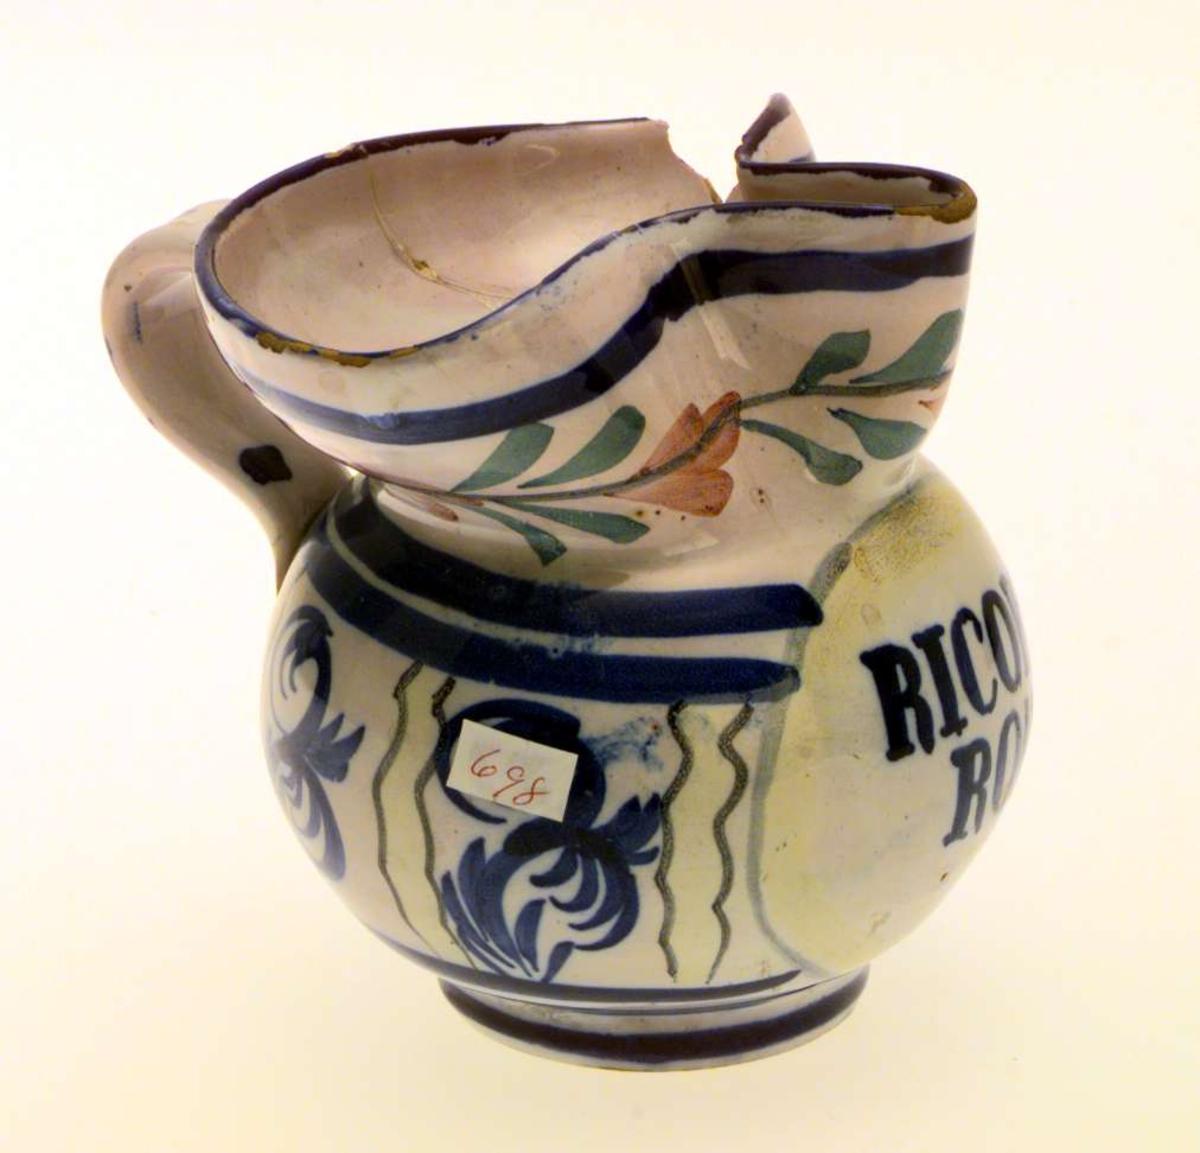 Liten mugge i keramikk. Muggen er limt og et stykke av kanten er slått av. Fargen er lys, med dekor i blått, gult, grønt og rosa. På korpus står det skrevet 'Ricardo Roma'.